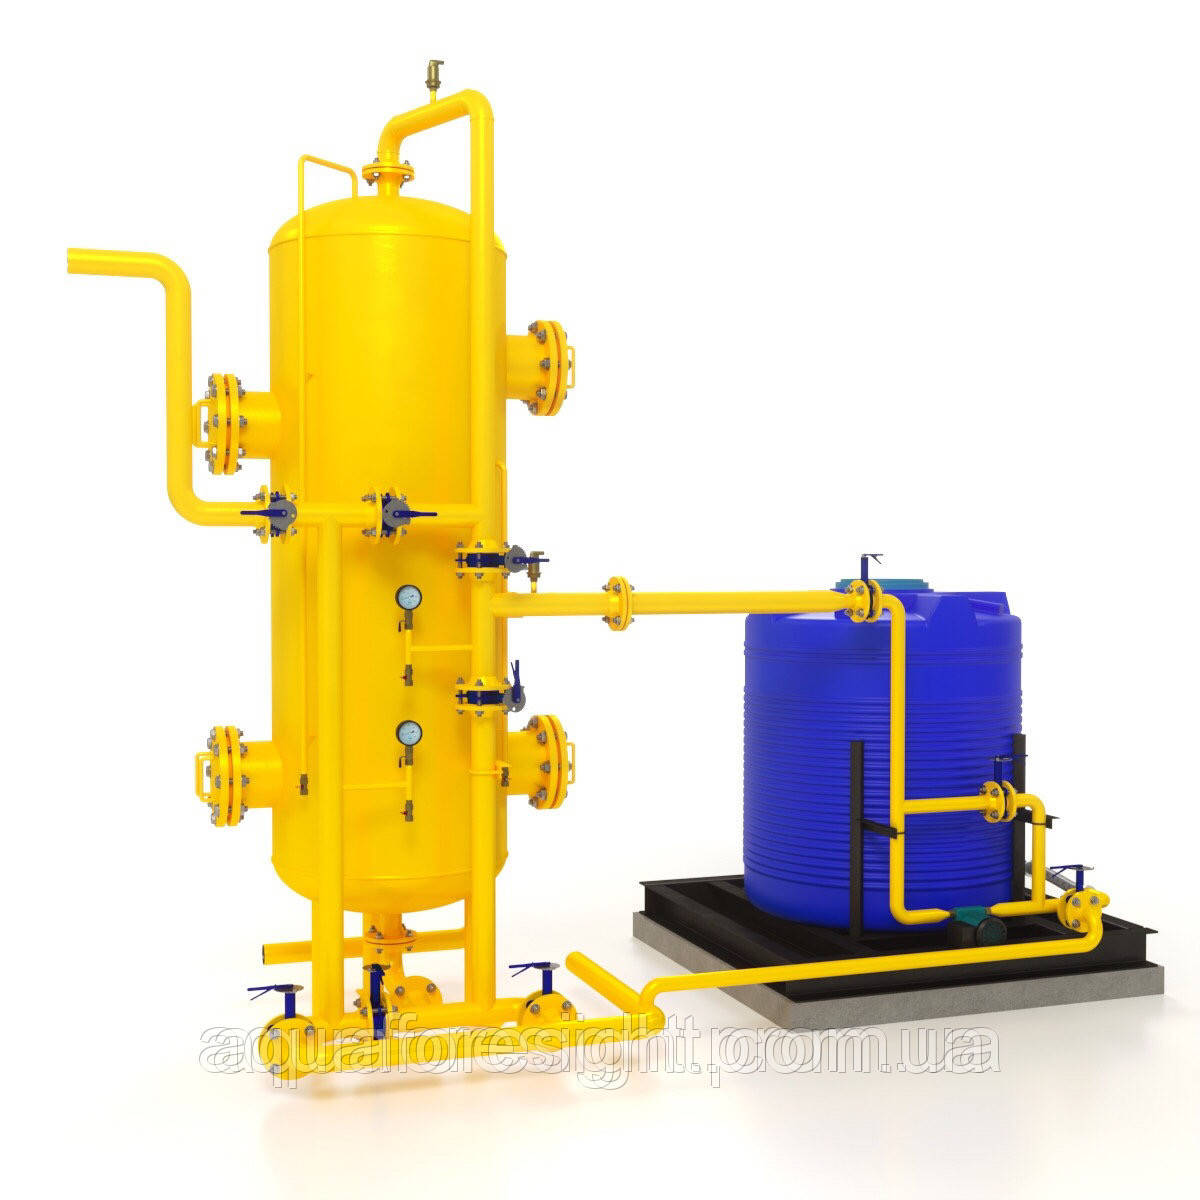 Деаэратор нетермический редокс-полимерный фильтр (RPF)